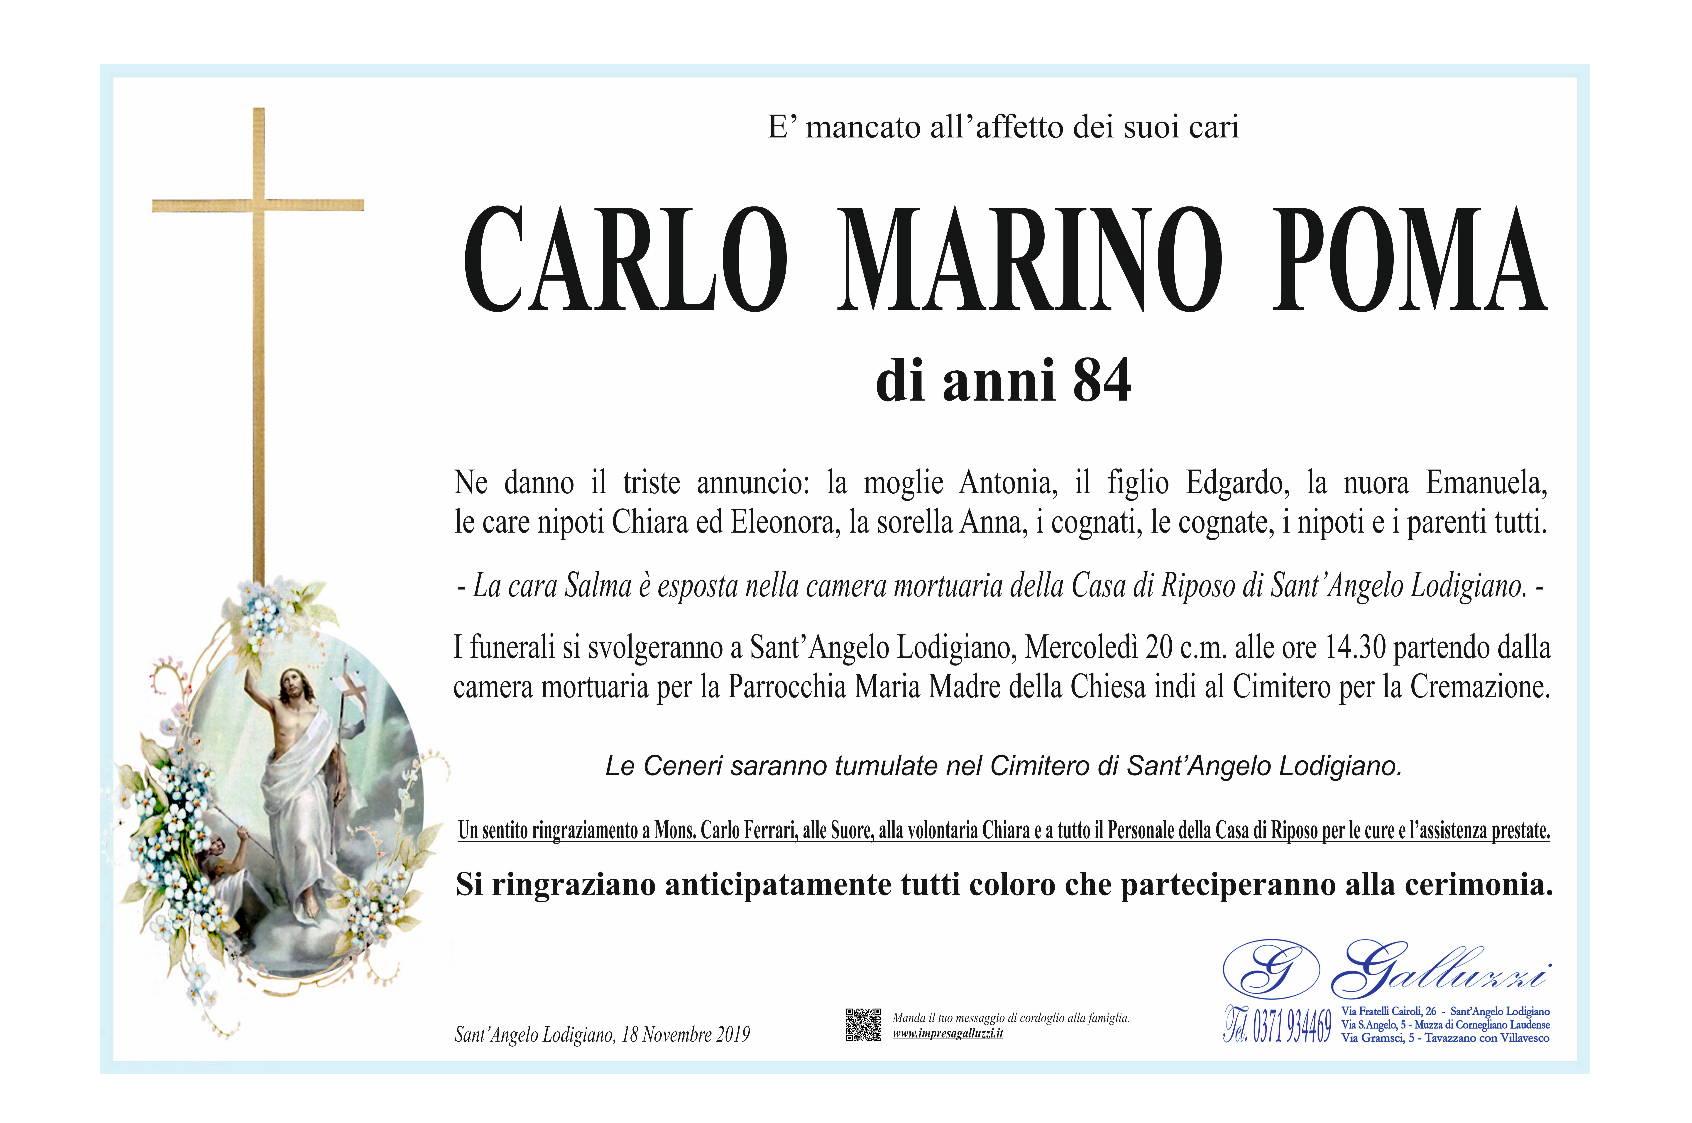 Carlo Marino Poma